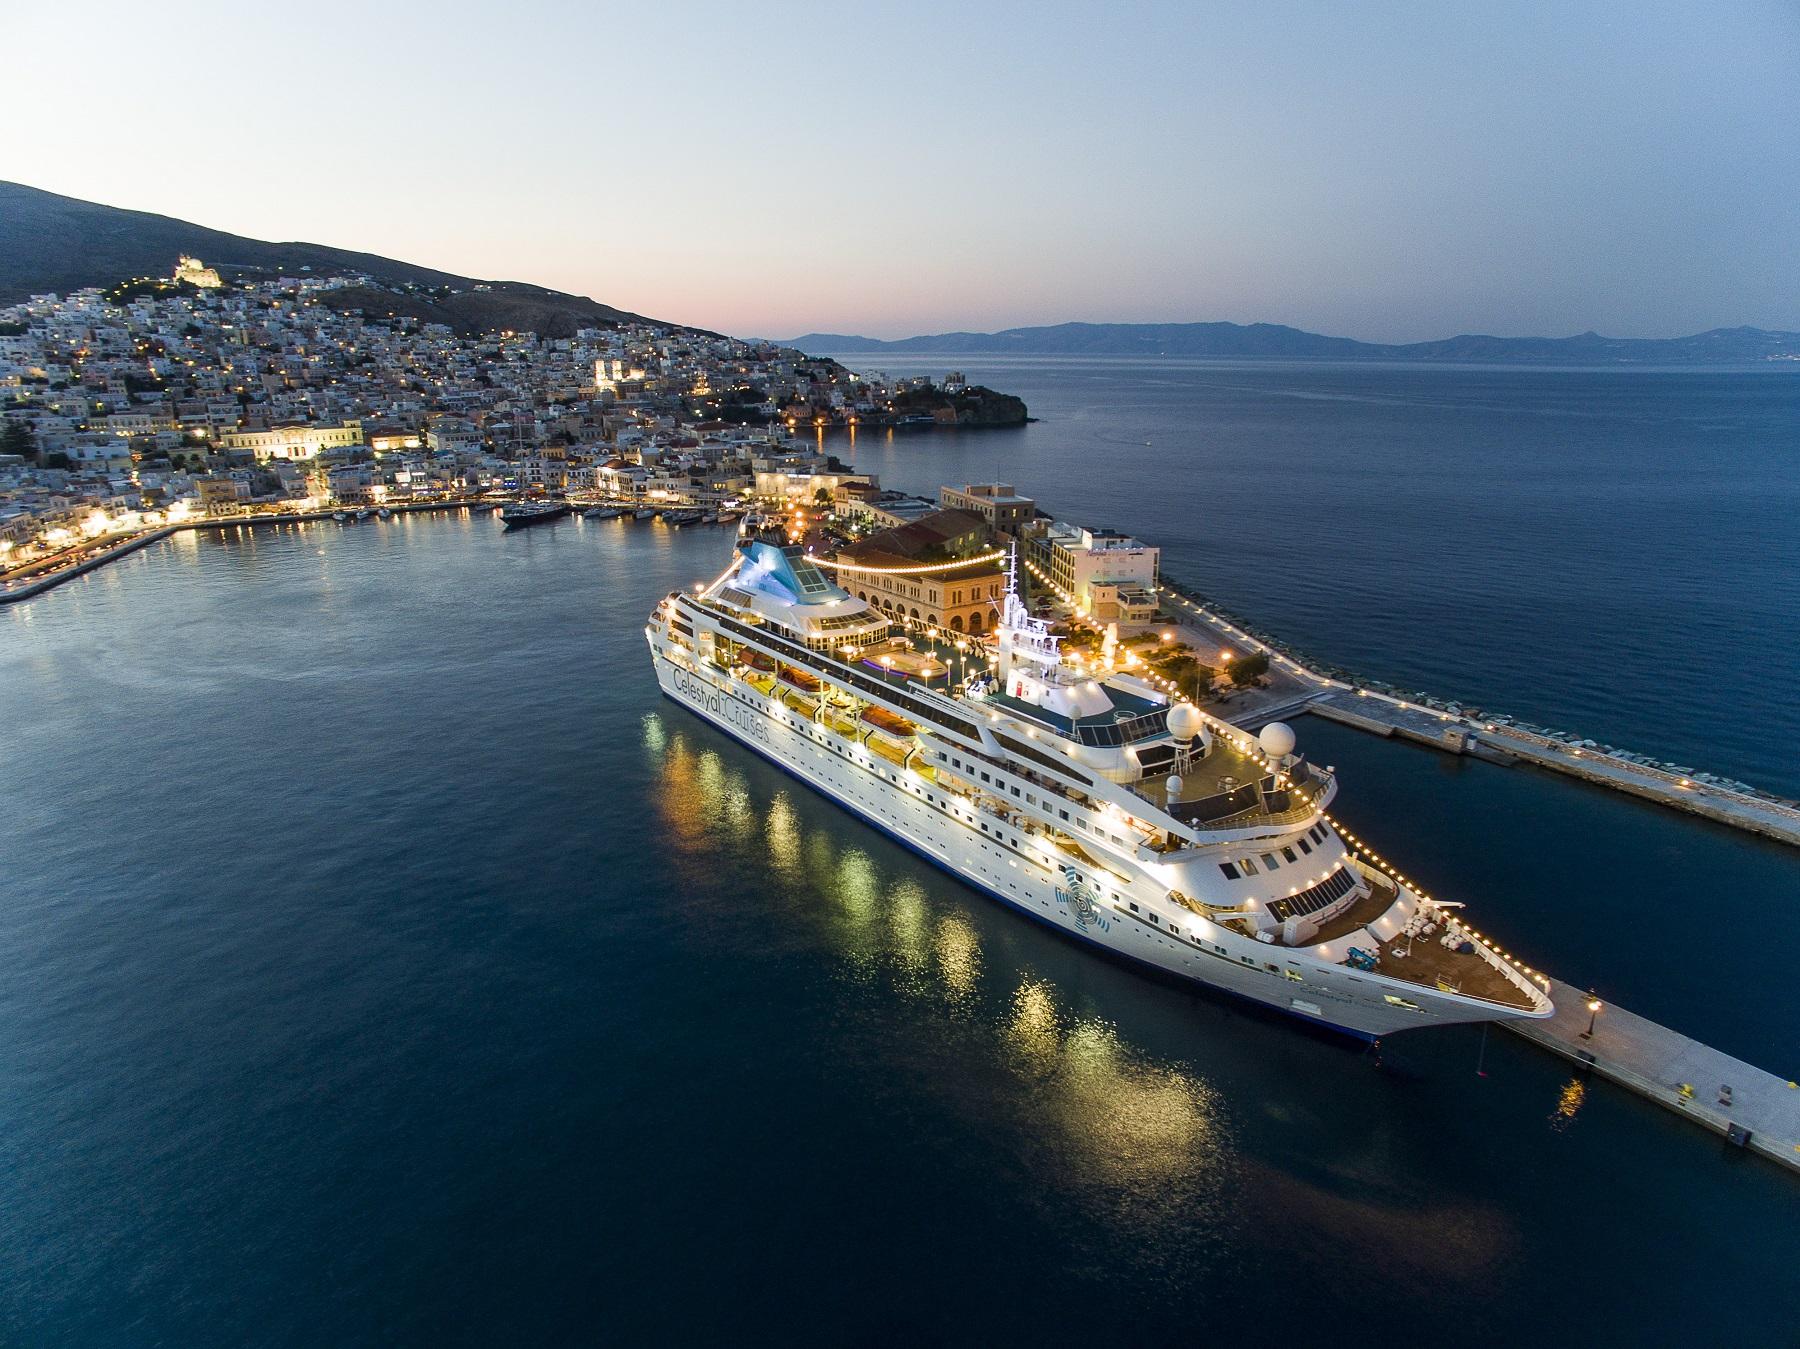 Celestyal-Cruises-Nefeli | AardvarkCompare.com